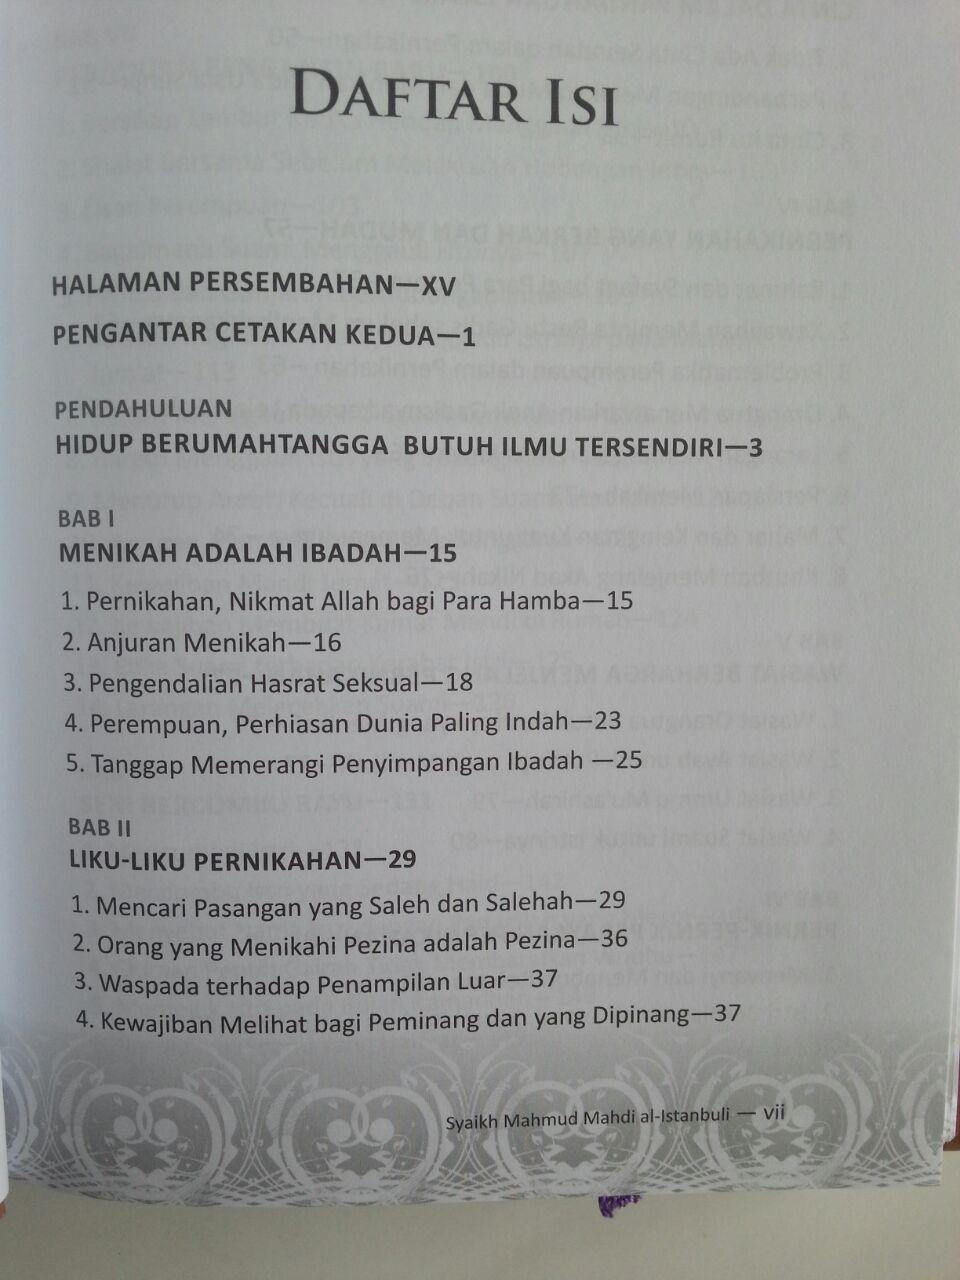 Buku Kado Perkawinan Tuntunan Mempersiapkan Pernikahan Islami isi 2